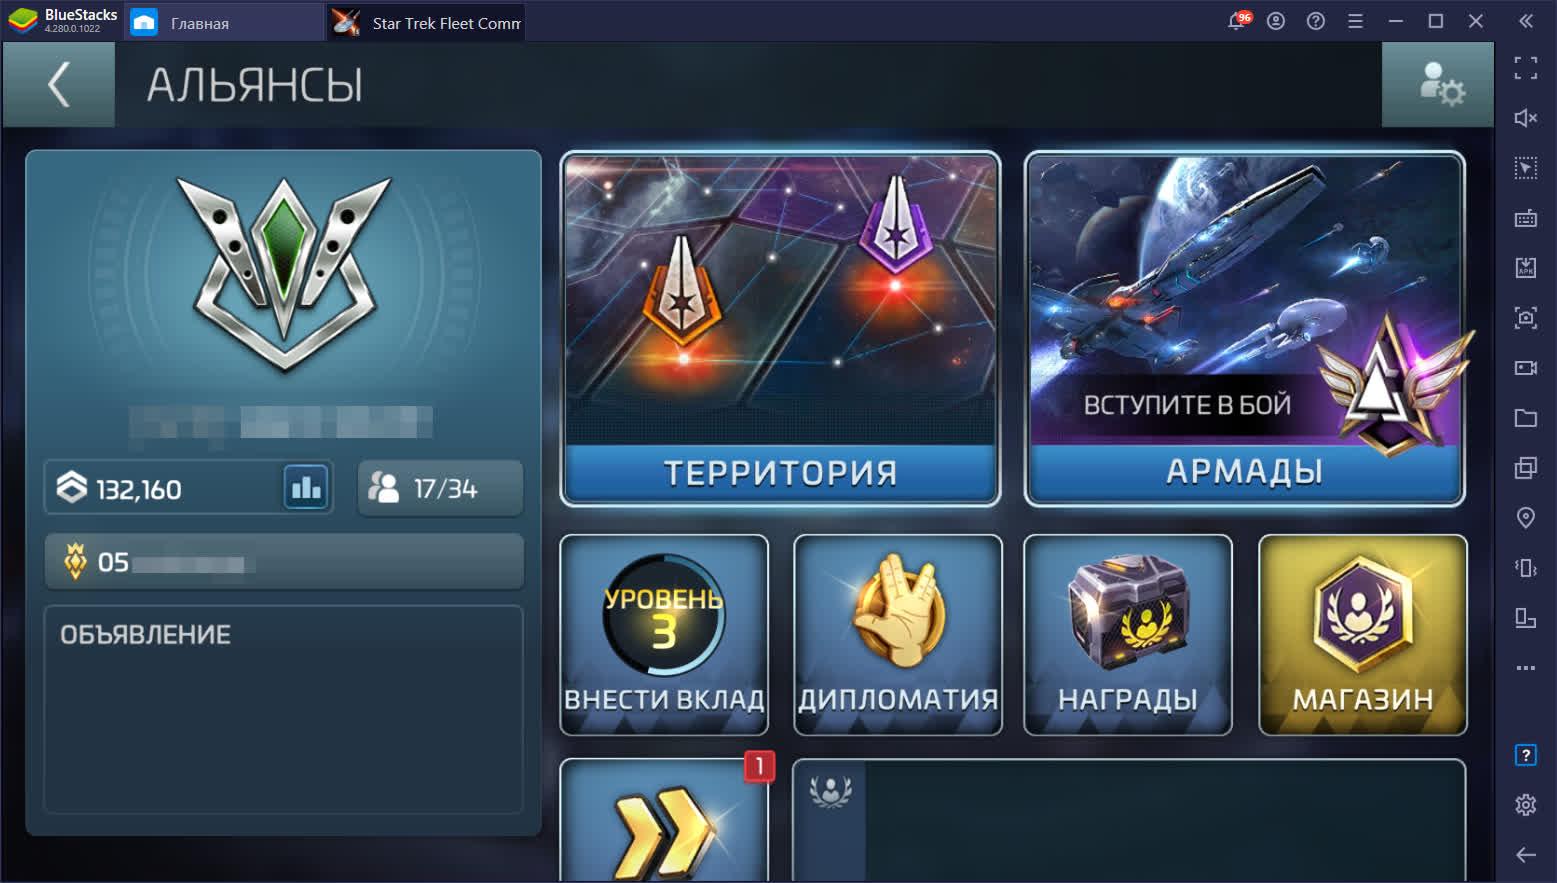 Обзорный гайд стратегии Star Trek Fleet Command